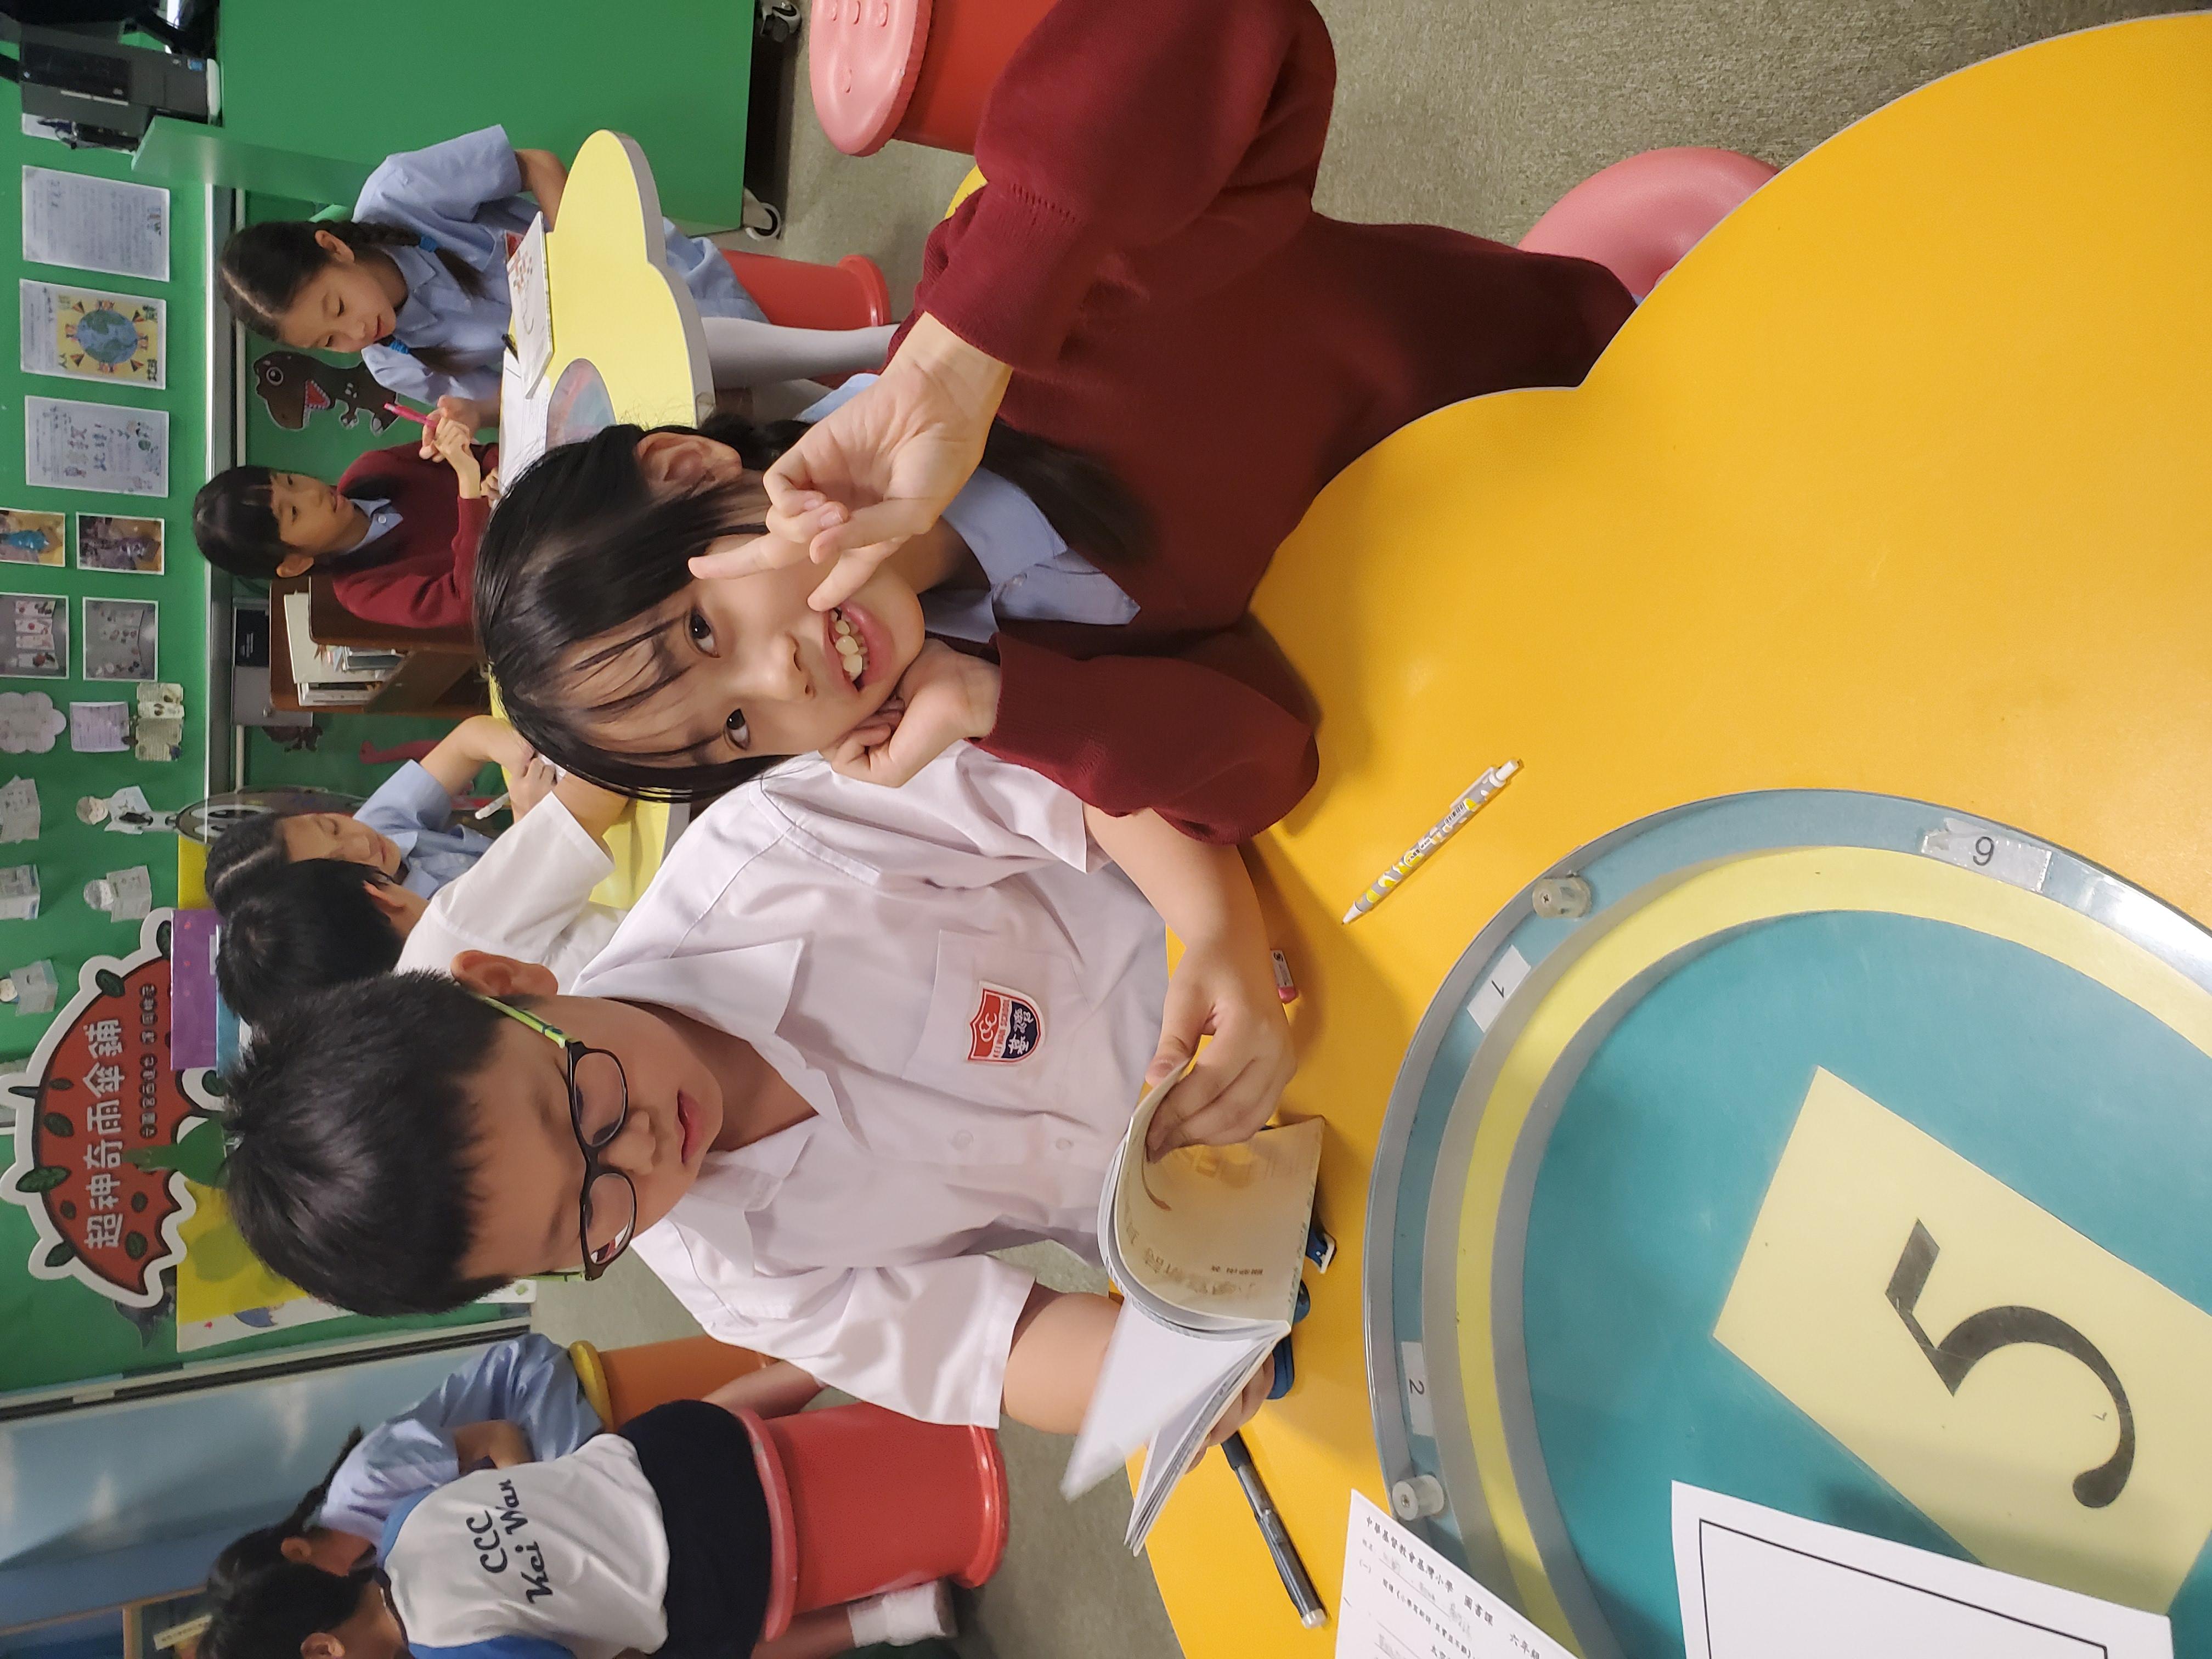 http://www.keiwan.edu.hk/sites/default/files/20191106_144054.jpg